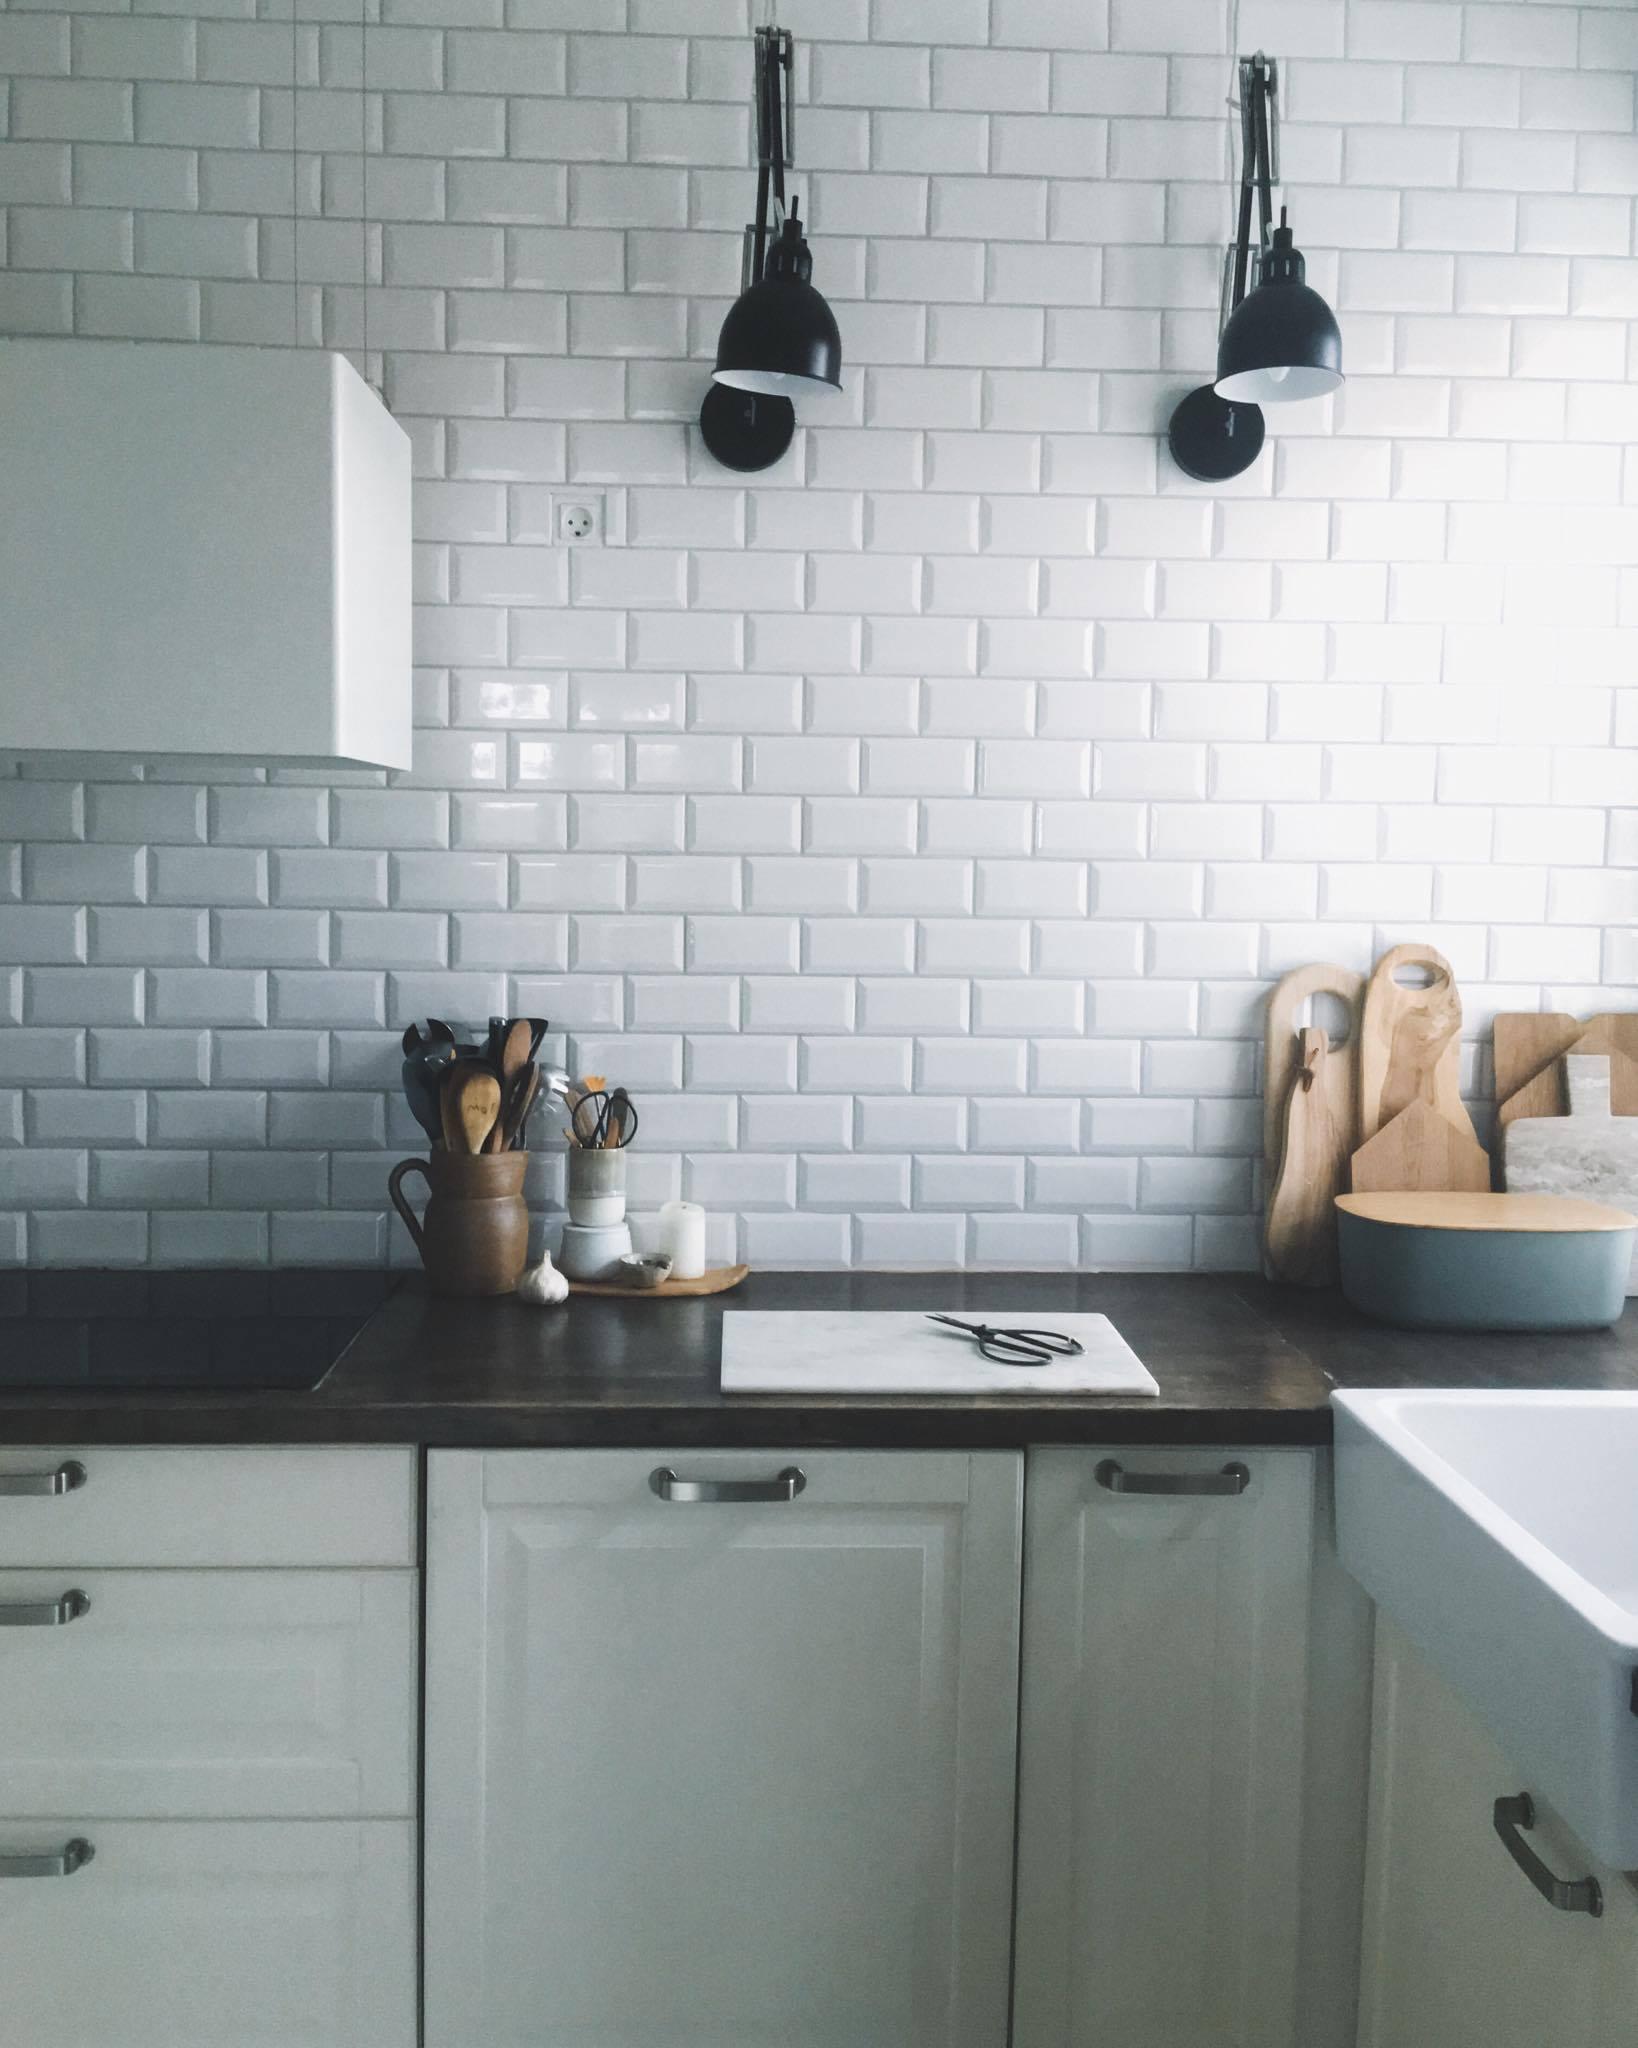 Mit køkken er mit værksted